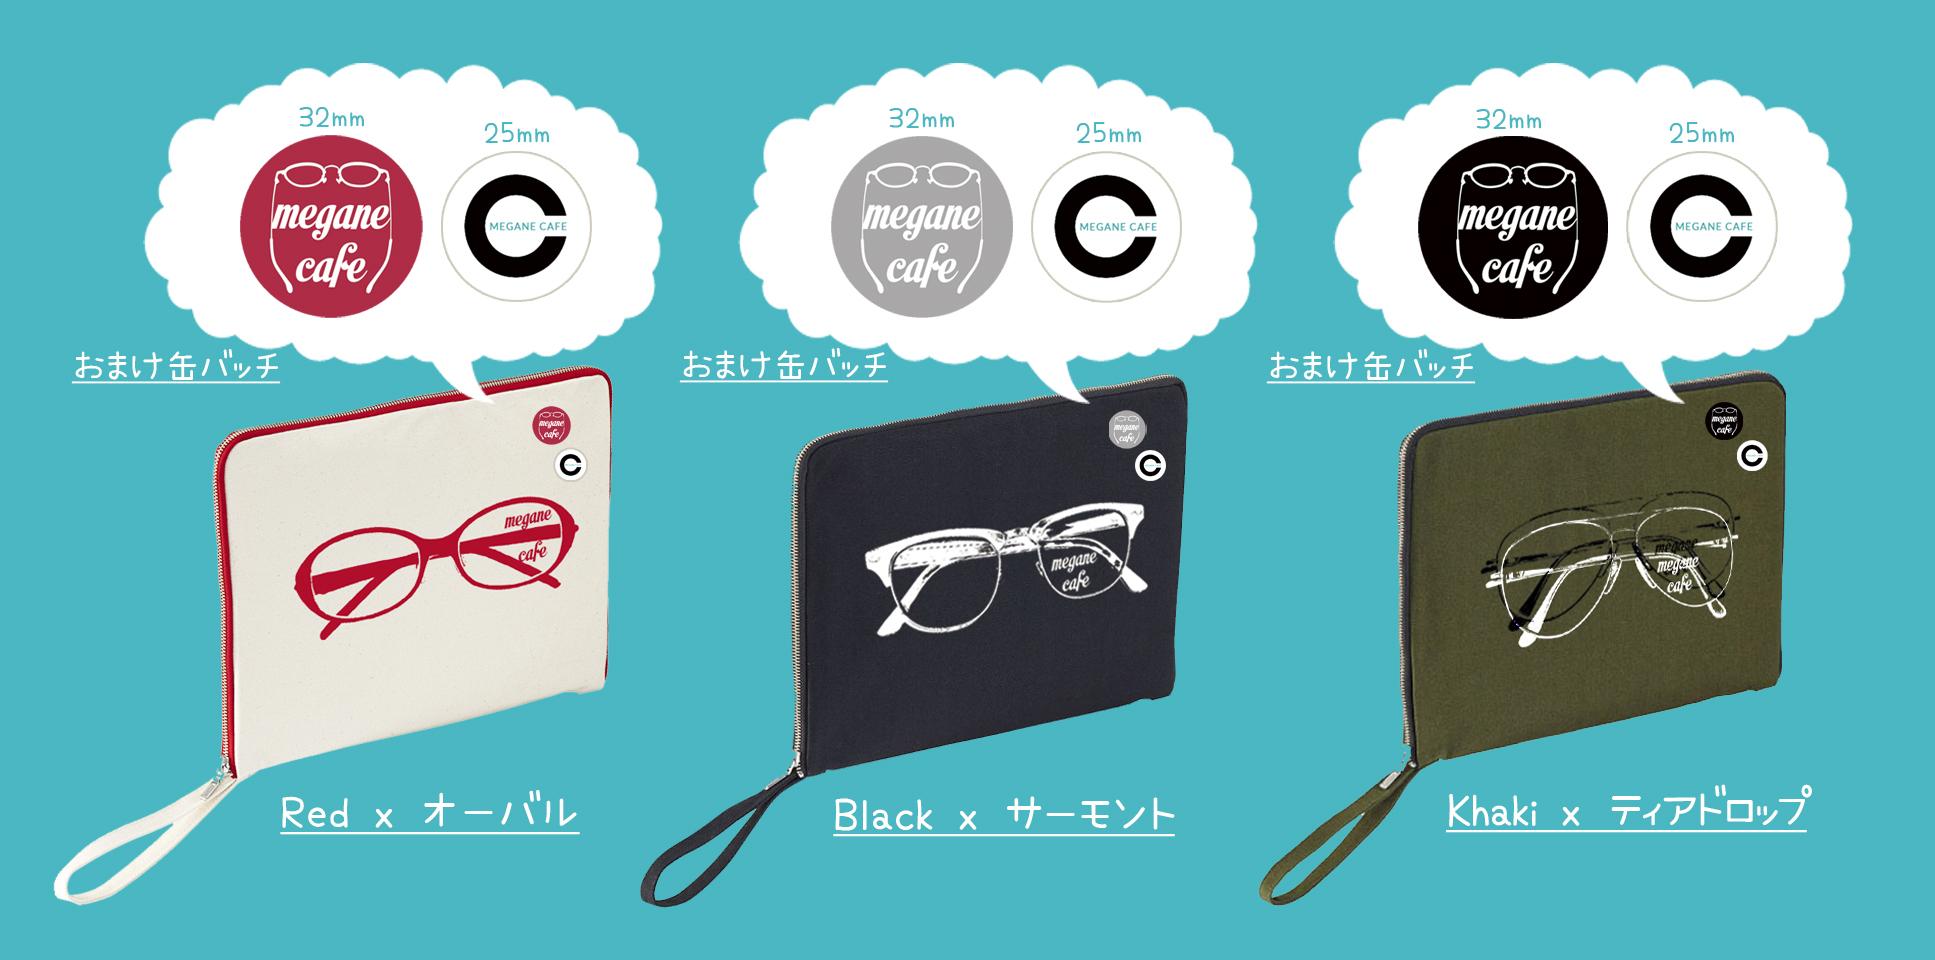 メガネクラッチバッグ《3color》